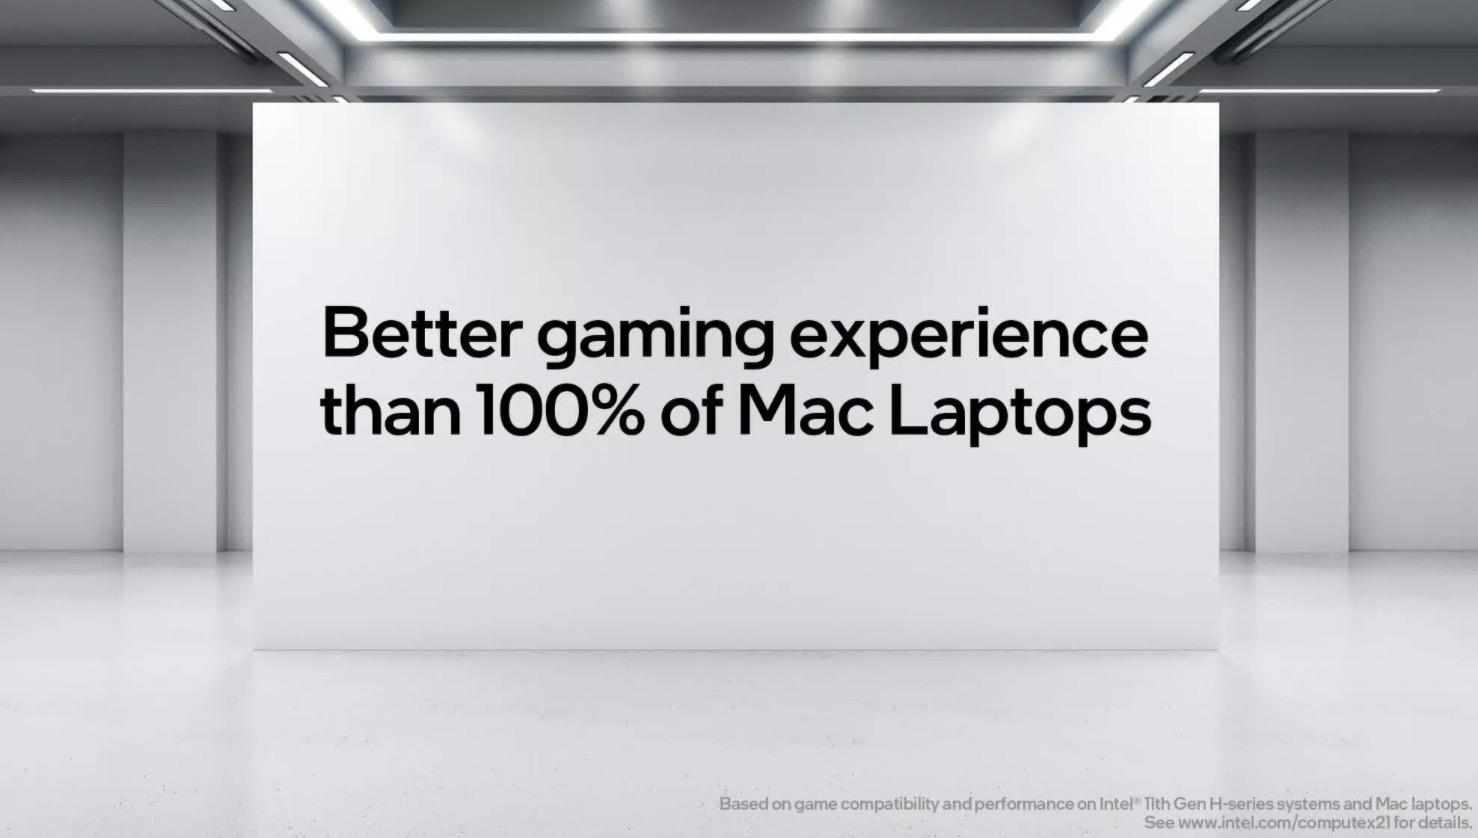 Intel tuyên bố chip của họ cùng với Windows cho 100% MacBook trên thị trường hít bụi khi nói để khả năng chơi game - Ảnh 1.